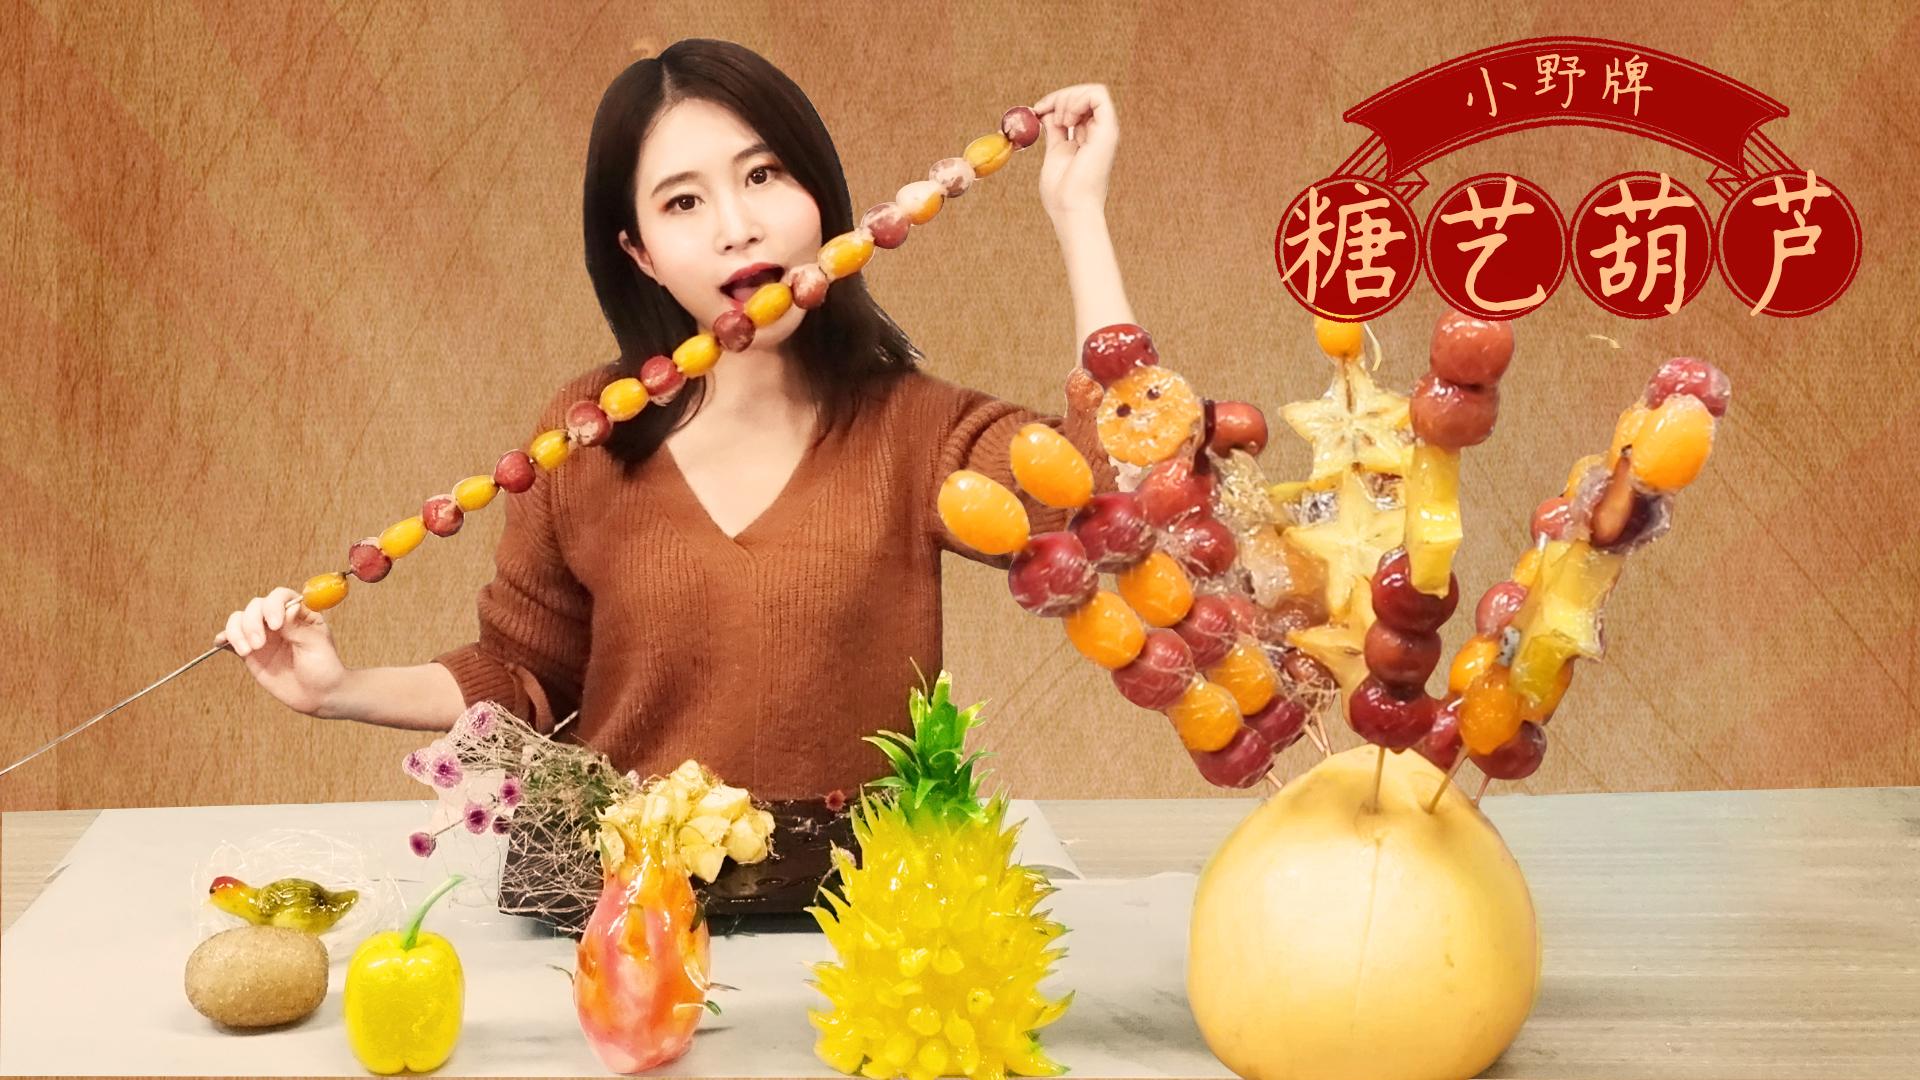 办公室小野自制超长糖葫芦,帮你打开记忆的味蕾